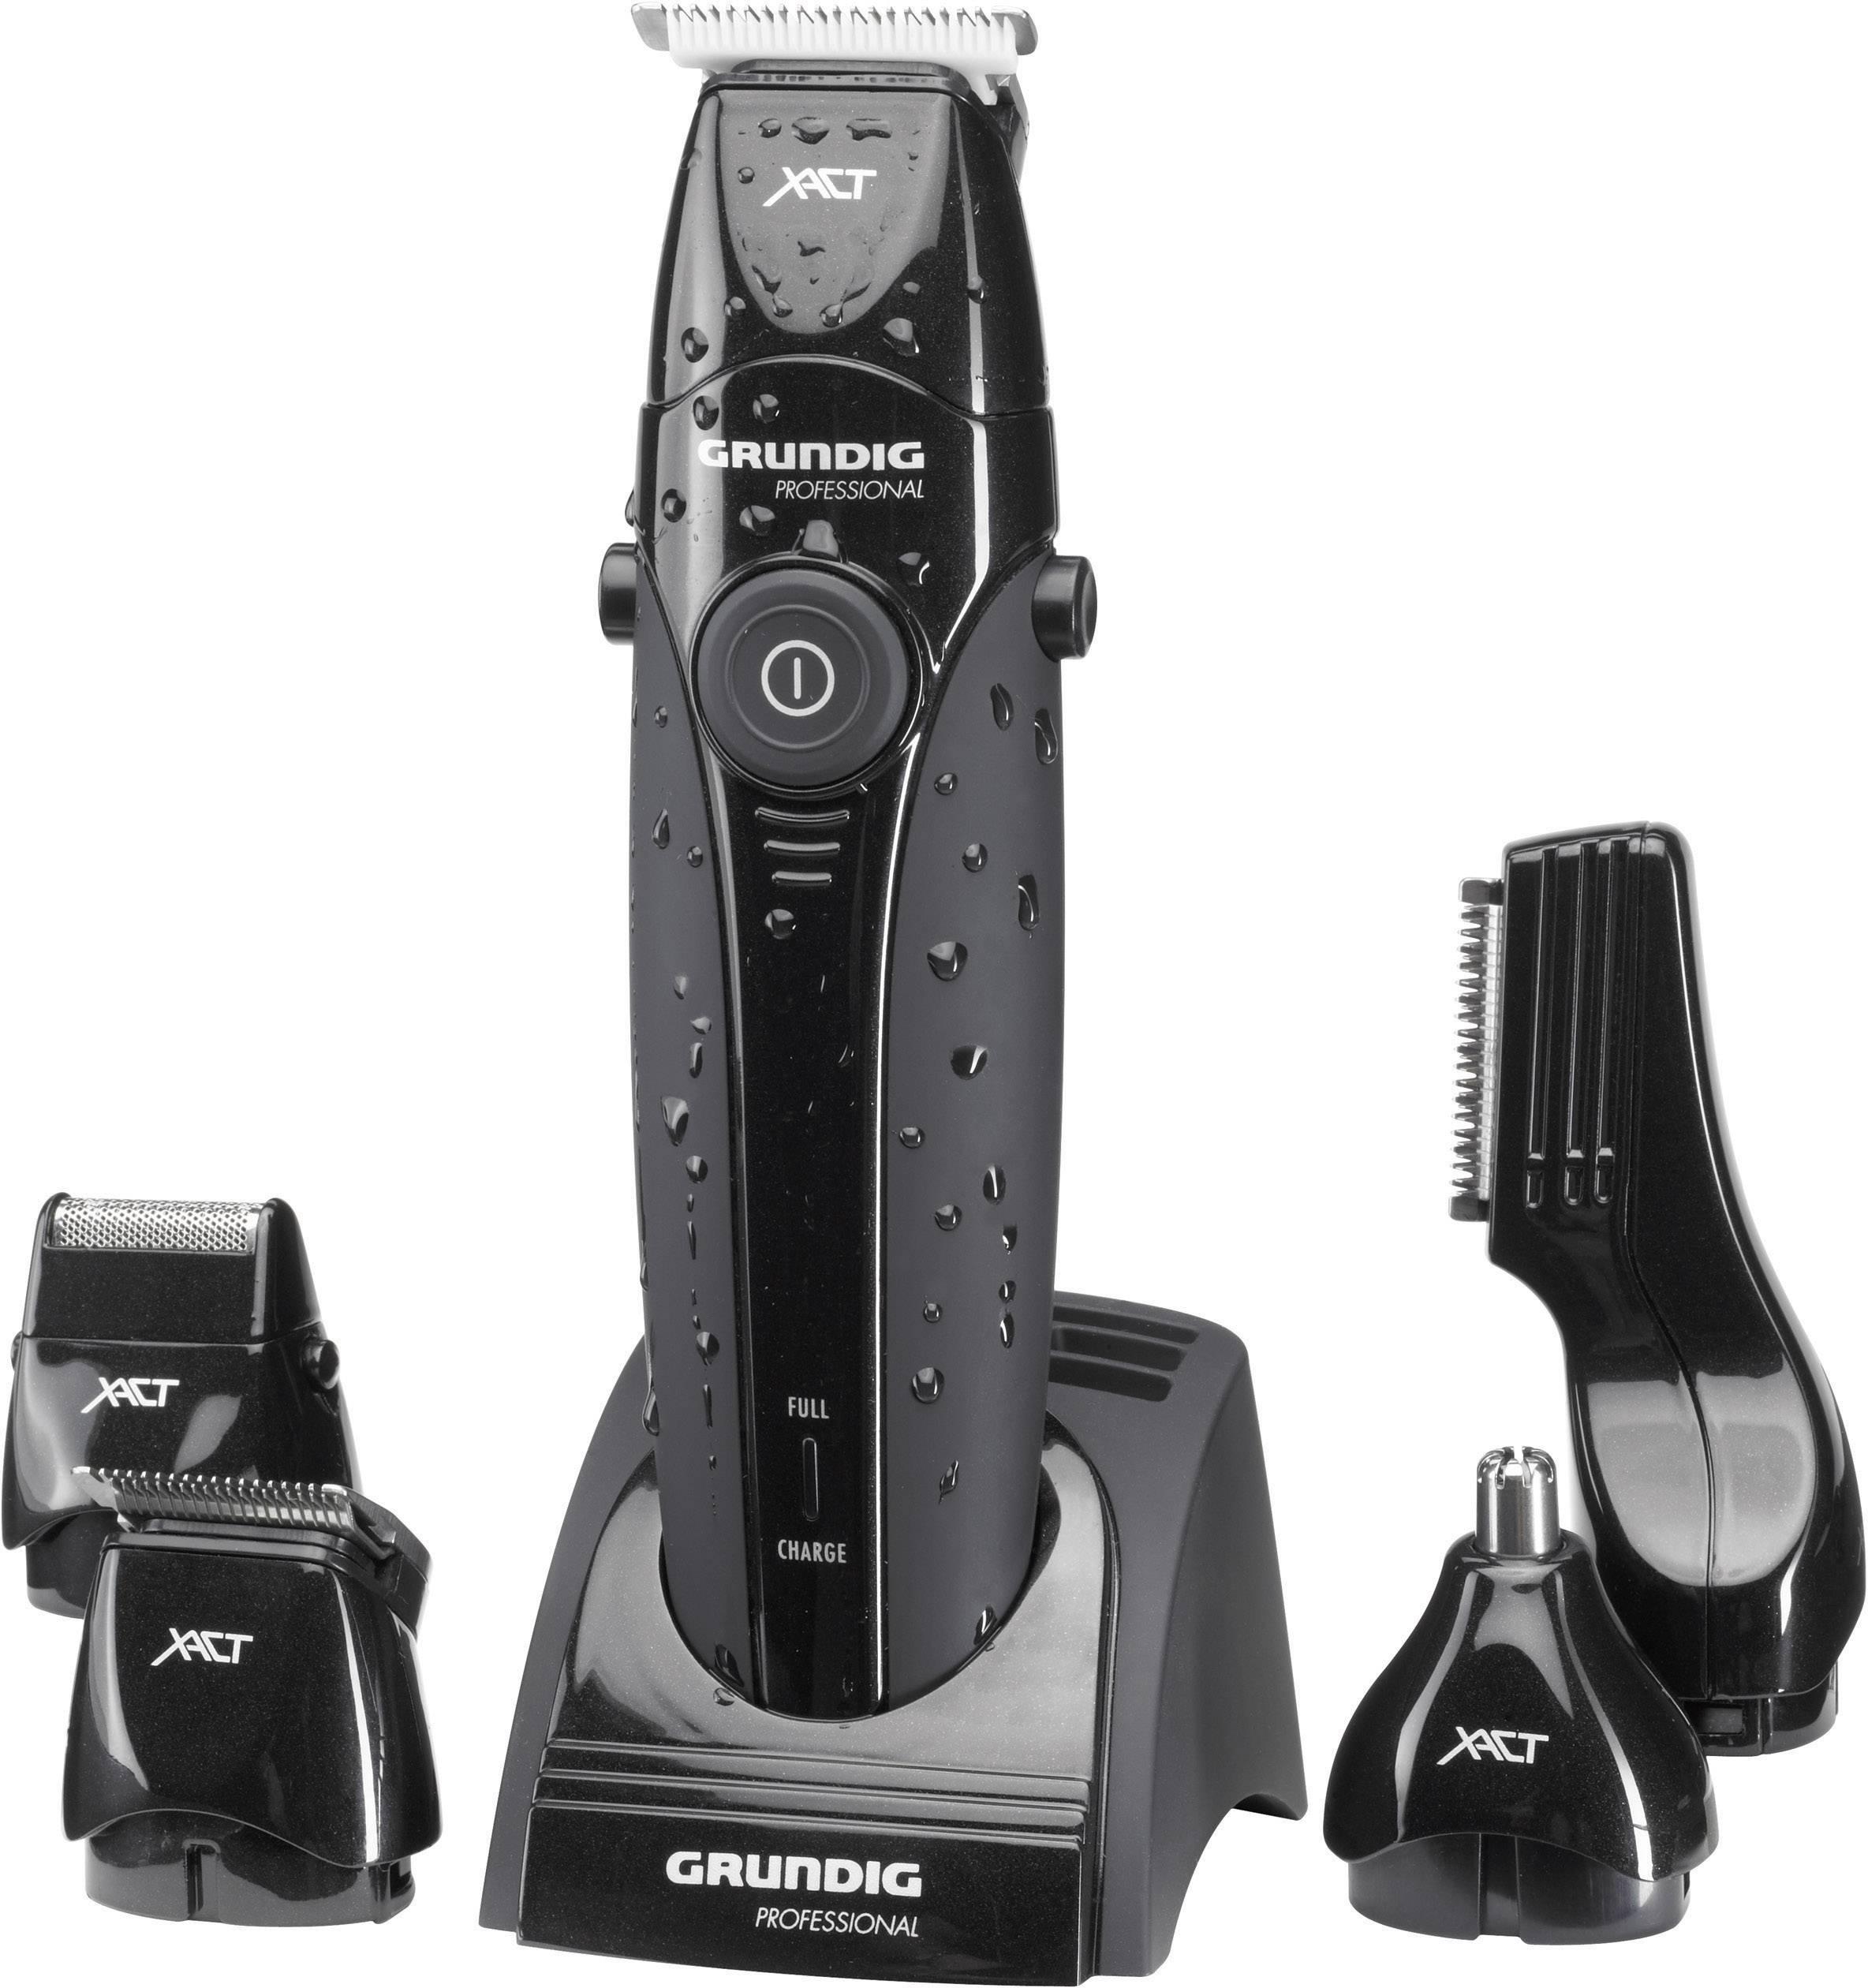 Zastrihávač vlasov, zastrihávač fúzov, zastrihávač ochlpenia Grundig MT8240, omývateľný, čierna